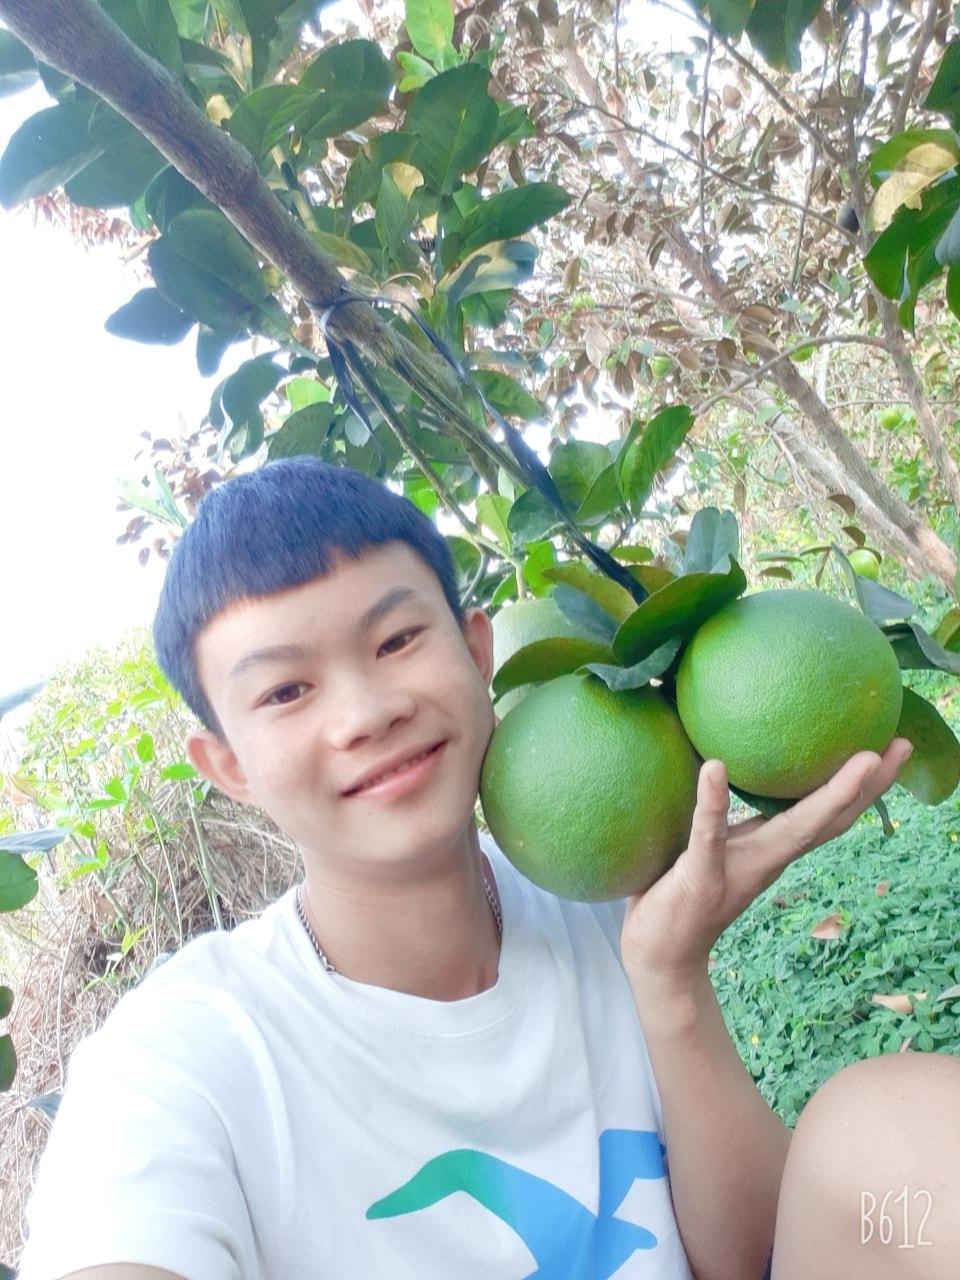 14 tuổi bỏ học về làm nông, chàng trai trẻ thu lãi hàng trăm triệu/năm - 1